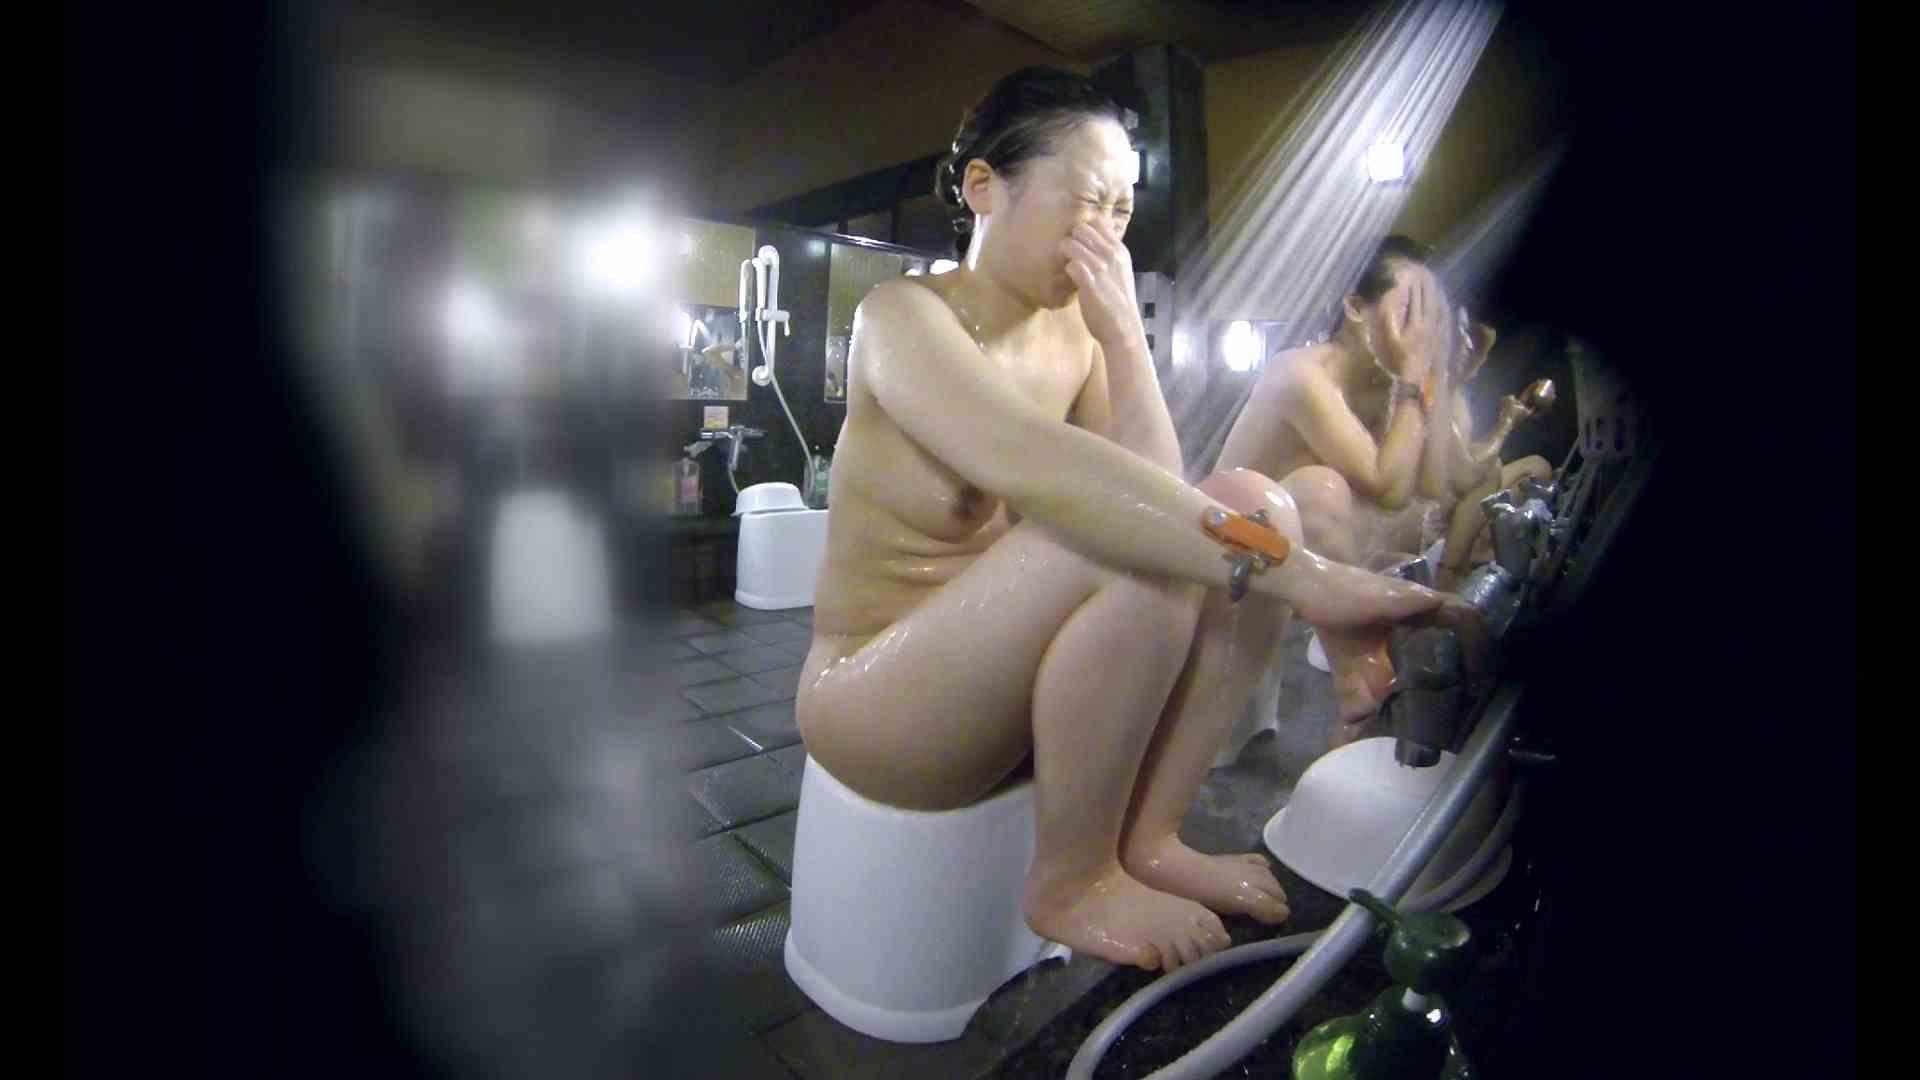 洗い場!米粉パンかのようなもっちり感。あっ!具が! 銭湯   潜入エロ調査  99連発 55